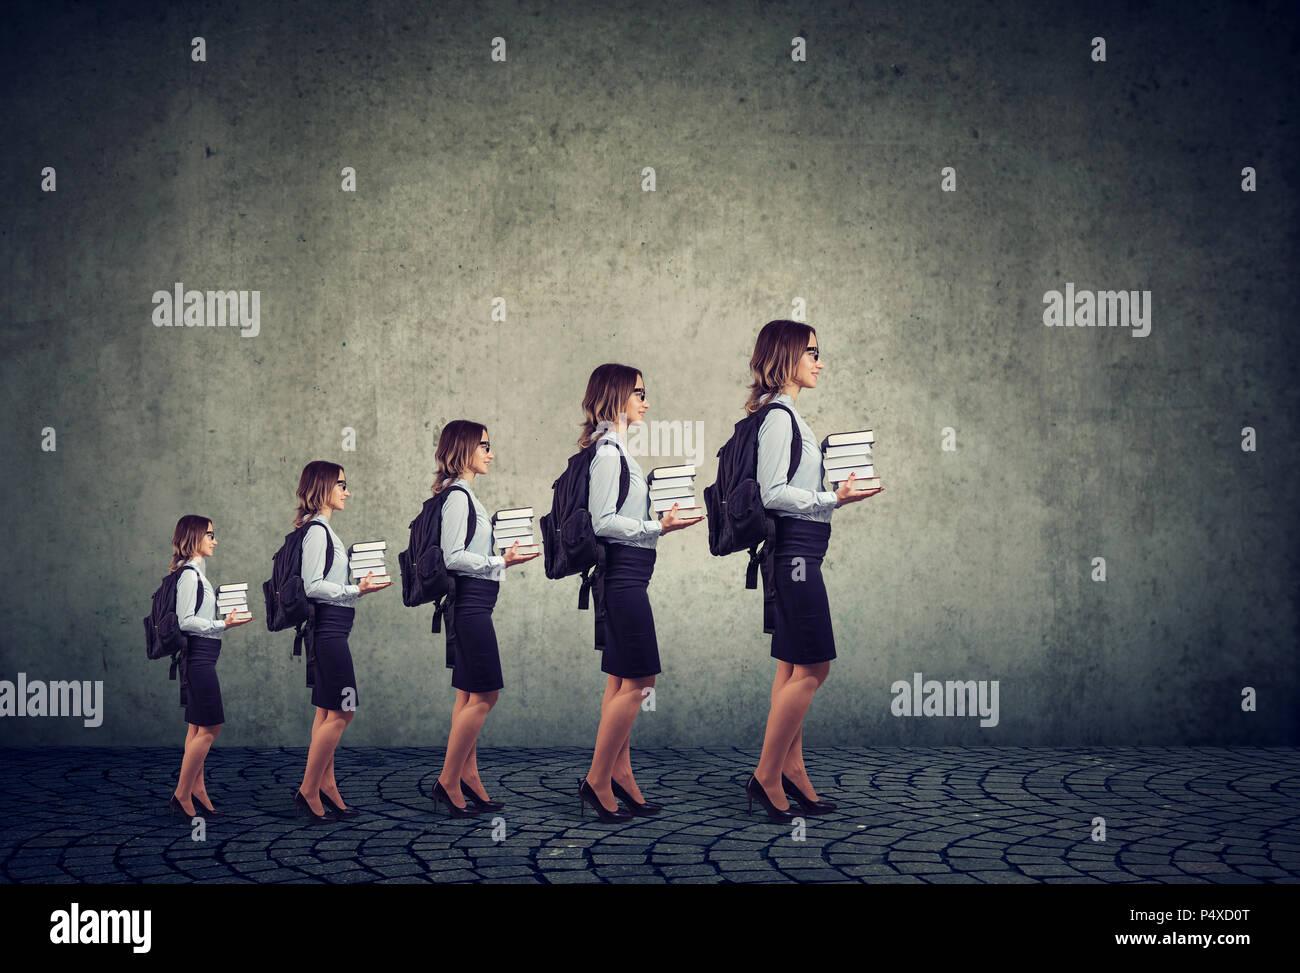 Successo donna istruita. I progressi nella carriera e formazione professionale il concetto di crescita Immagini Stock